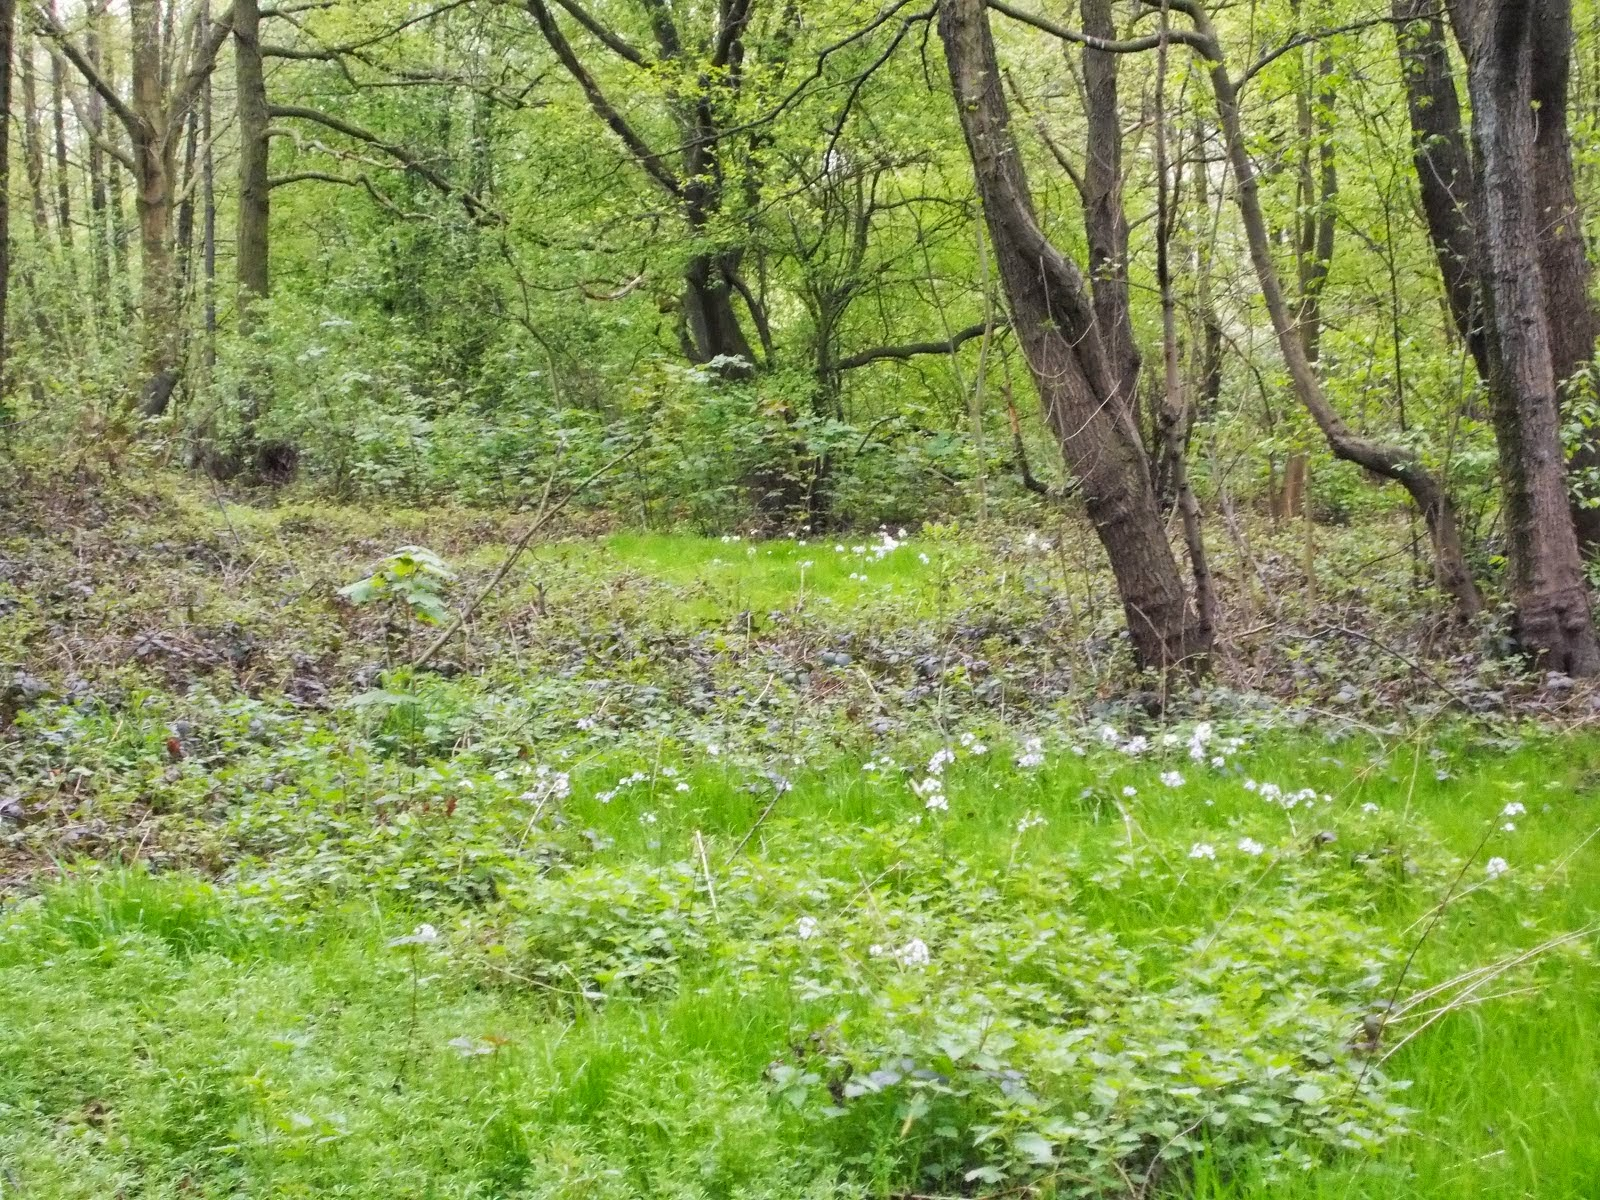 B das Barchembachtal das sich von Bedingrade über Gerschede bis nach Dellwig erstreckt mit und ohne Gewitter